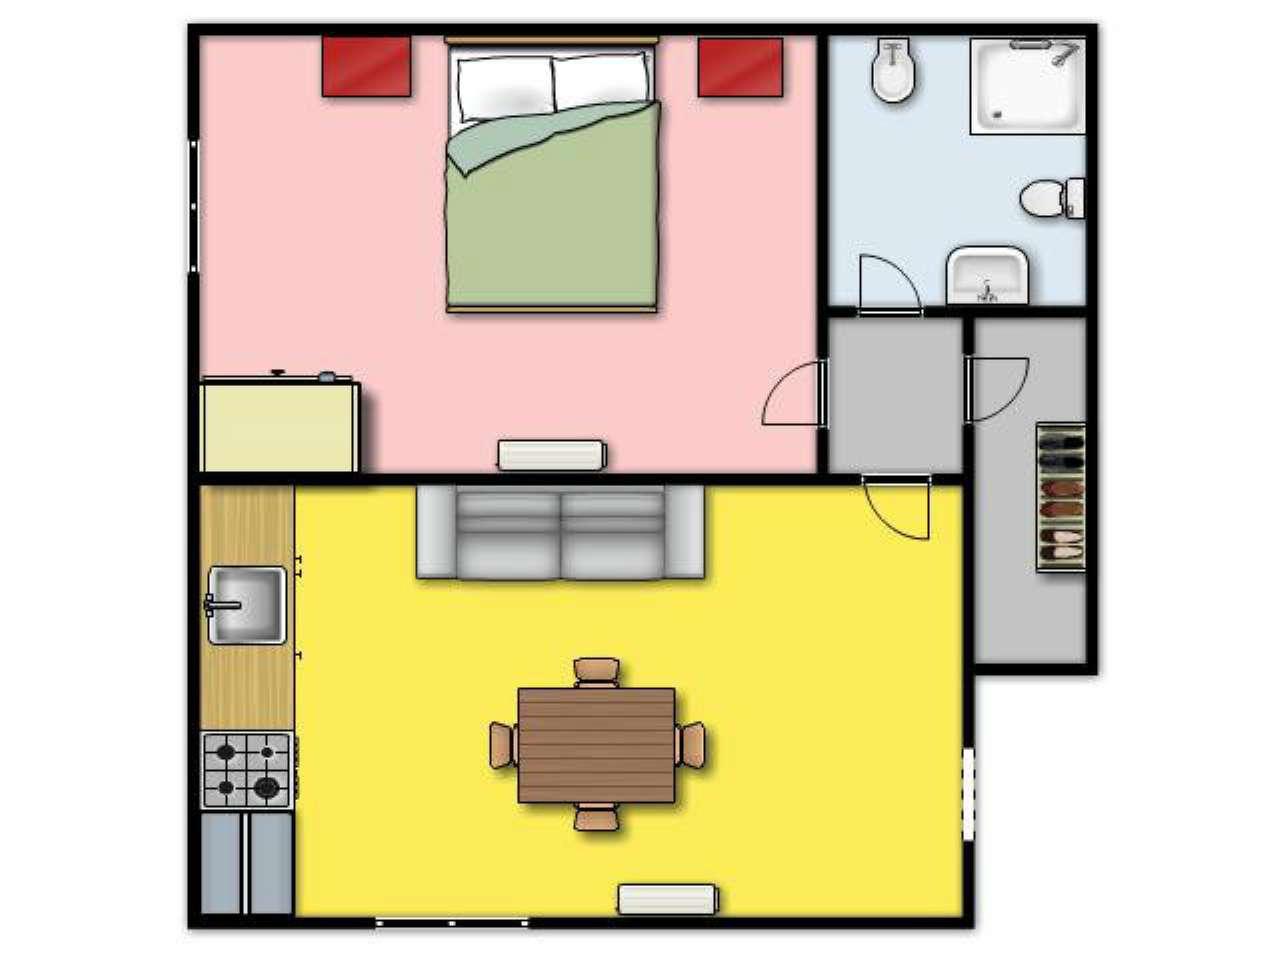 Appartamento in Affitto a Ustica: 2 locali, 50 mq